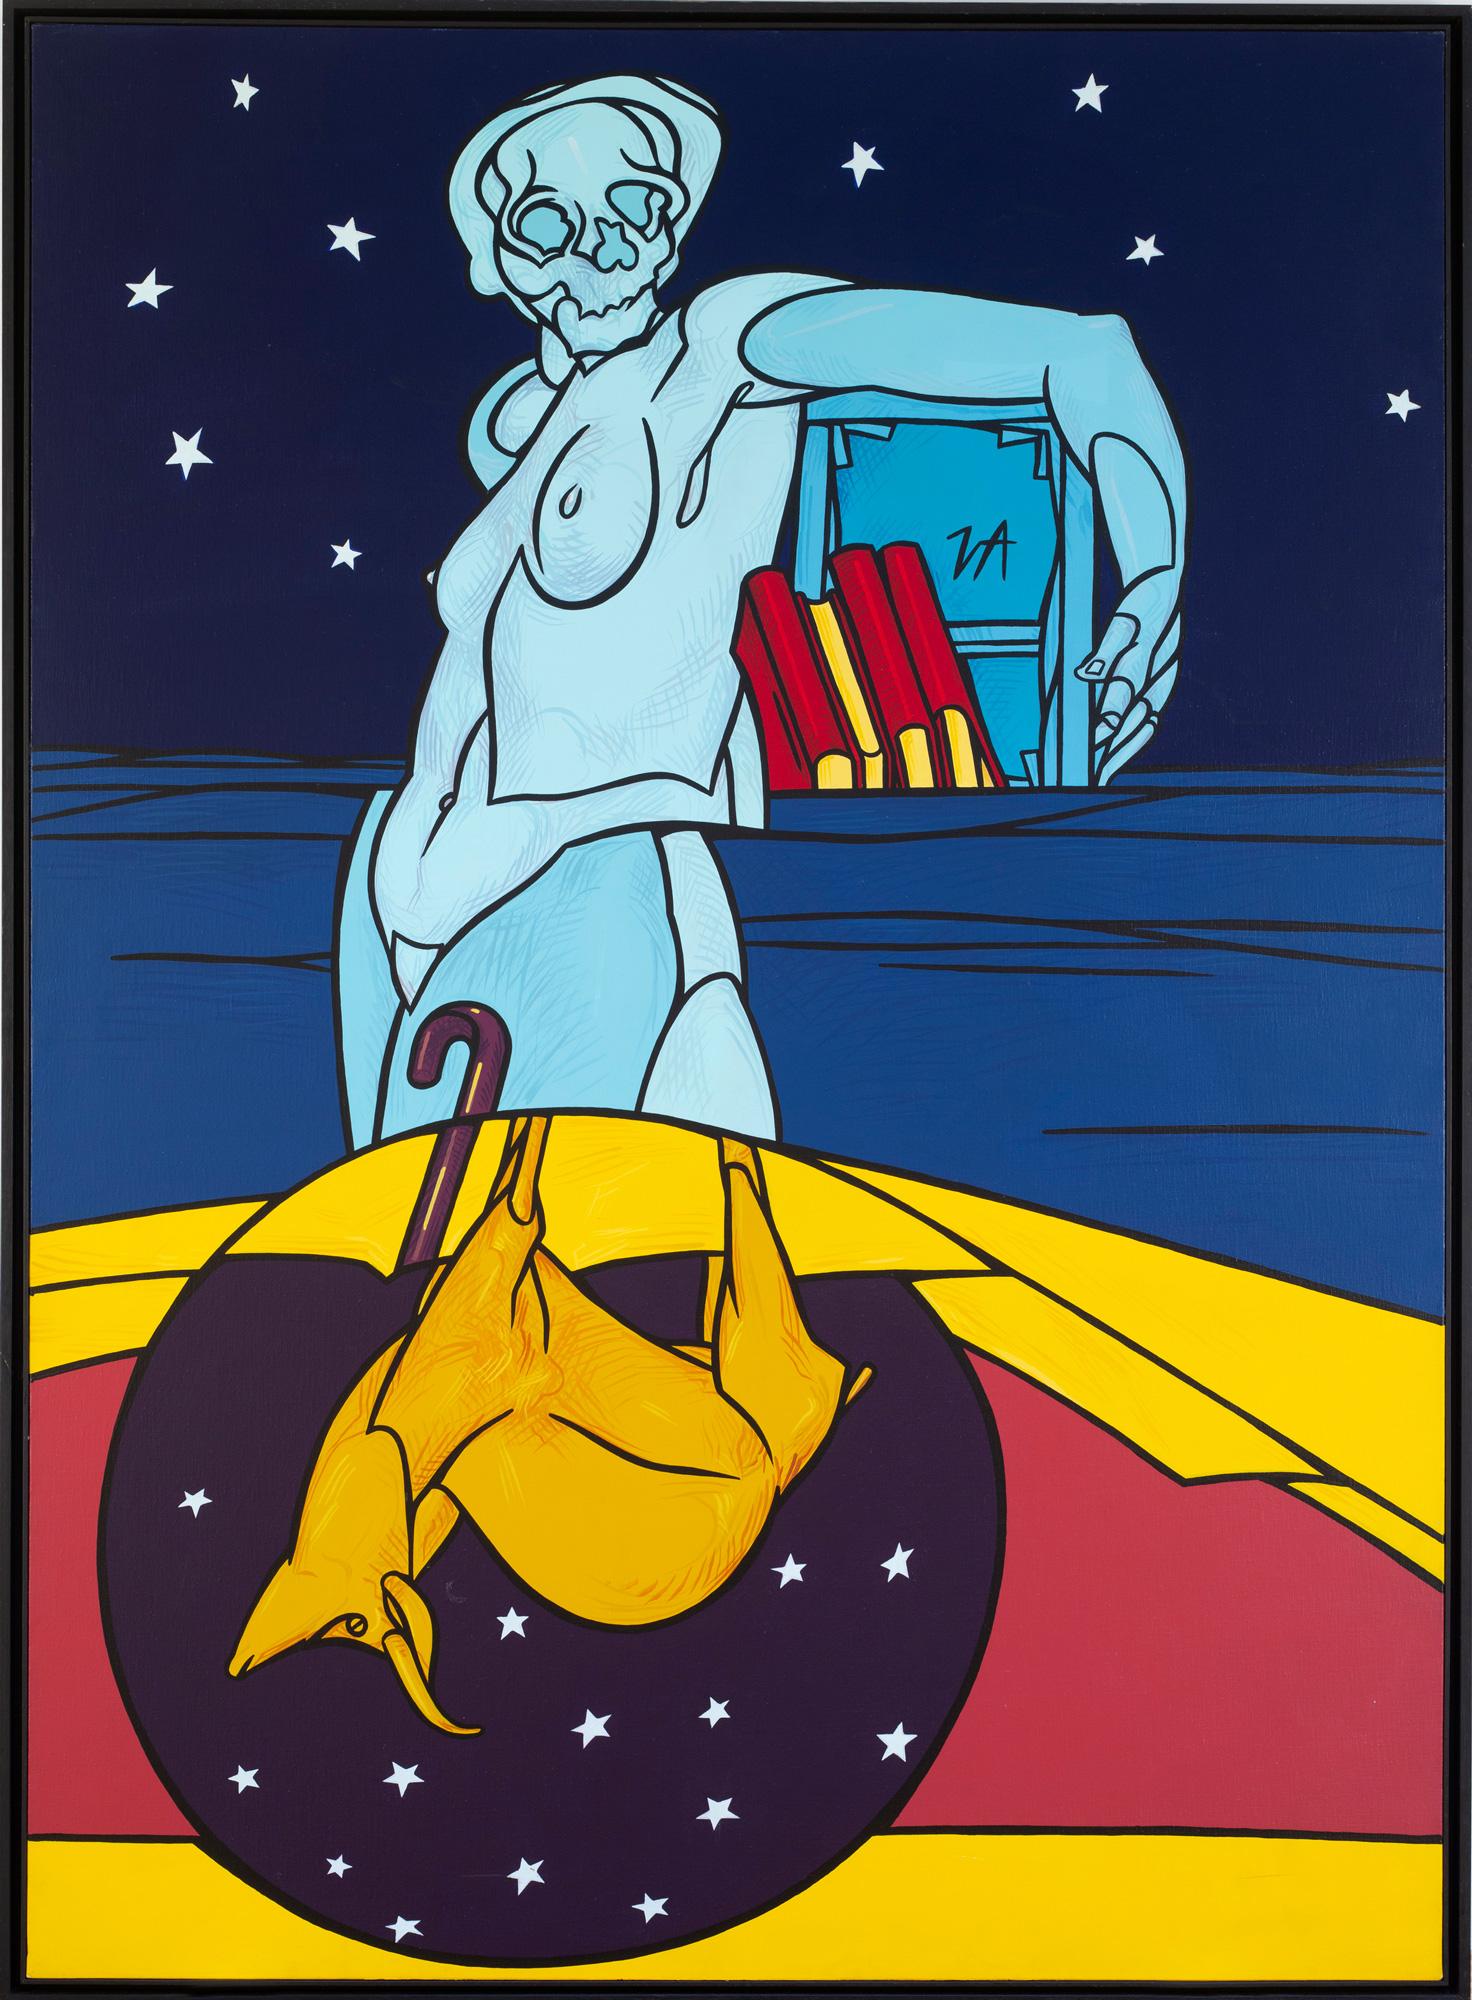 Valerio Adami à la galerie Templon : La Notte dello Stambecco (1988)